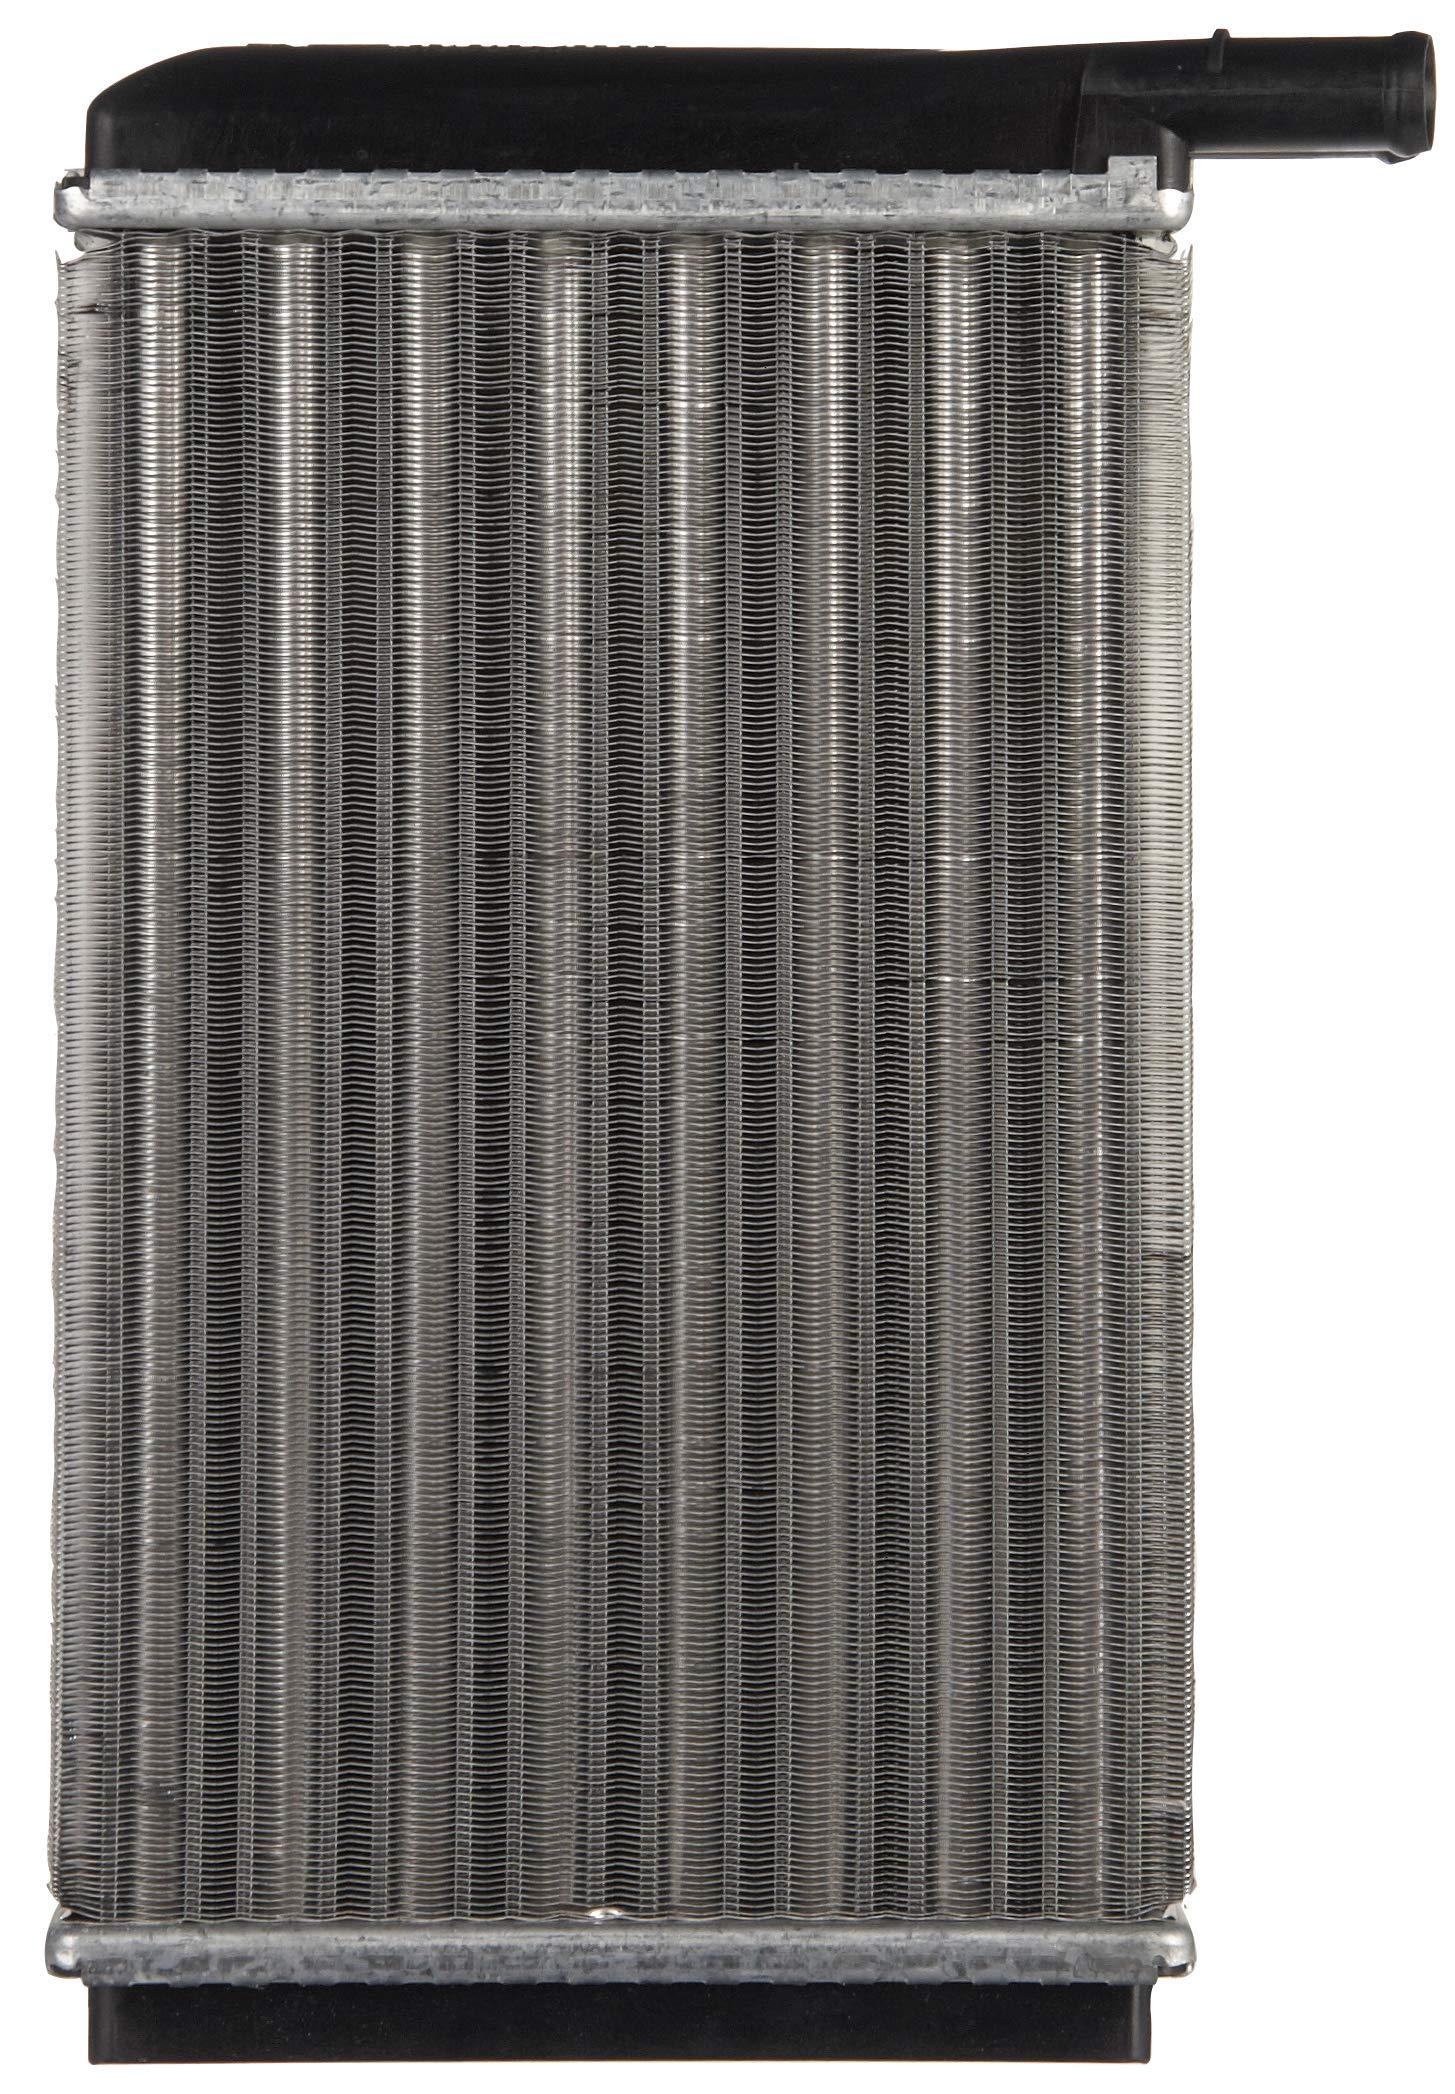 Spectra Premium 94651 Heater Core